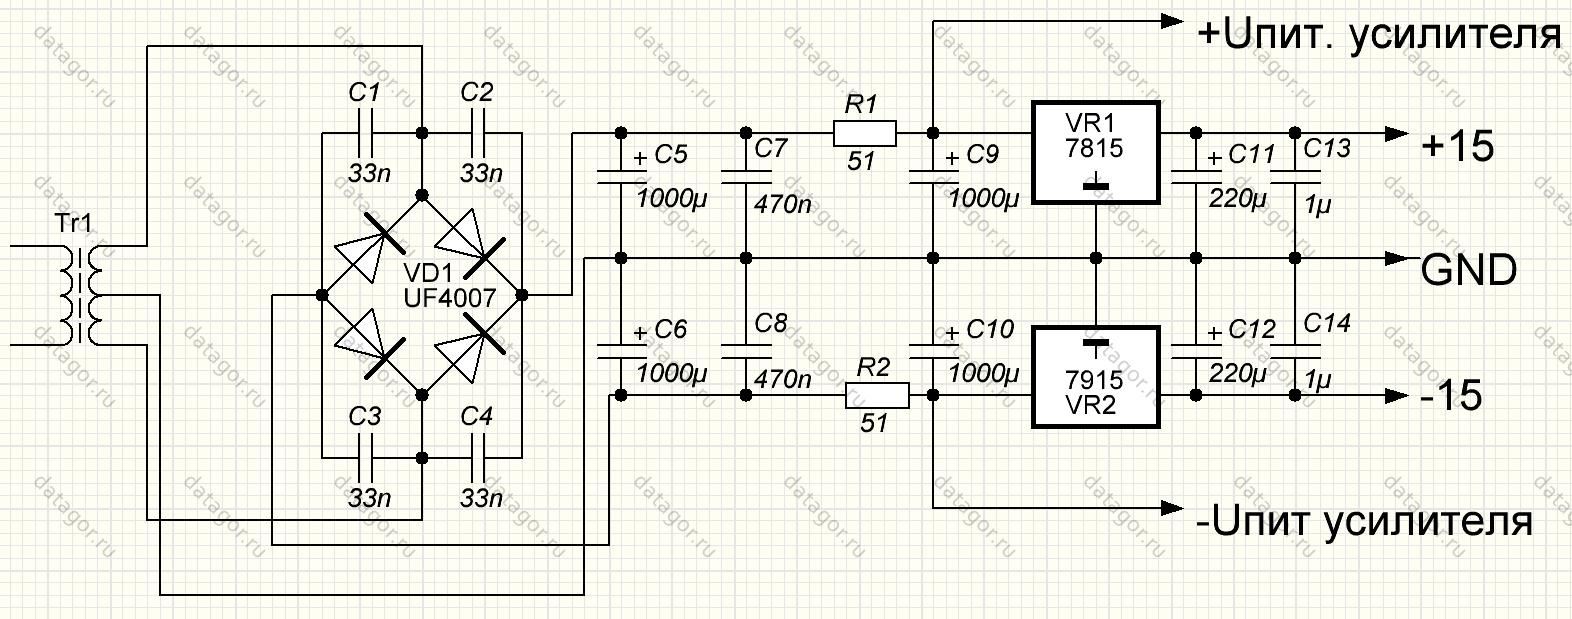 радиотехника s90 схема принципиальная